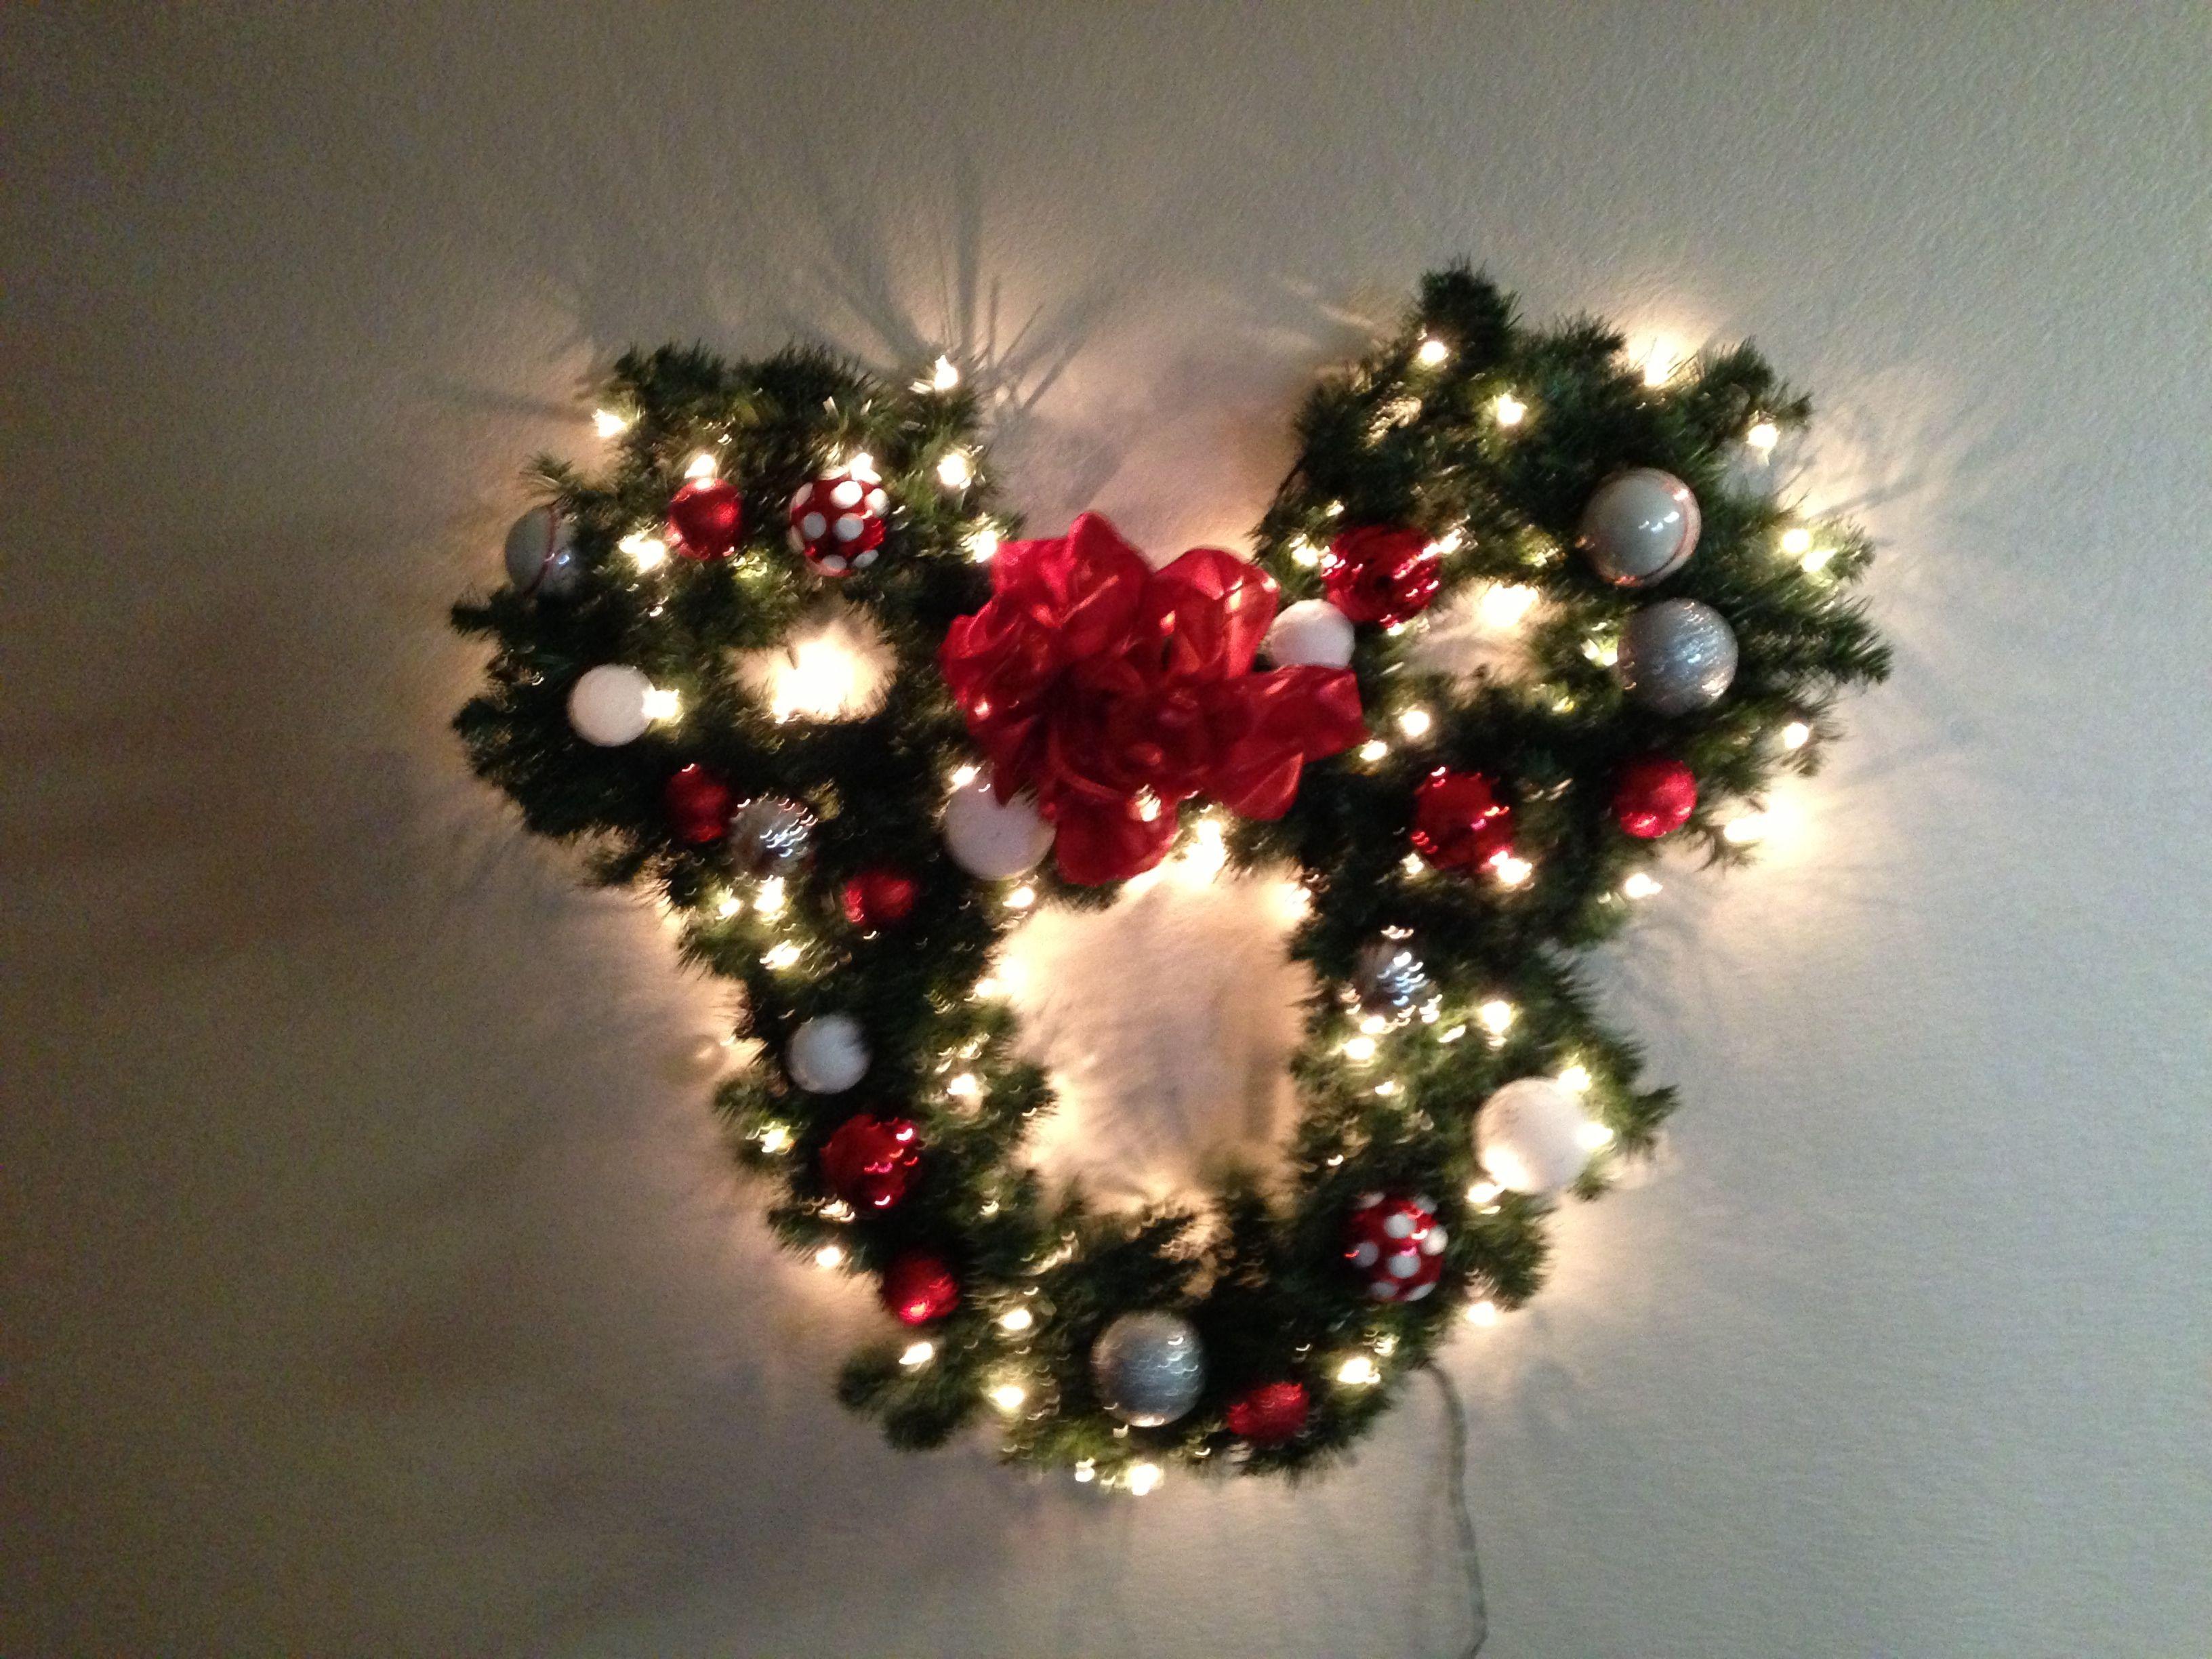 25 unique Disney christmas decorations ideas on Pinterest